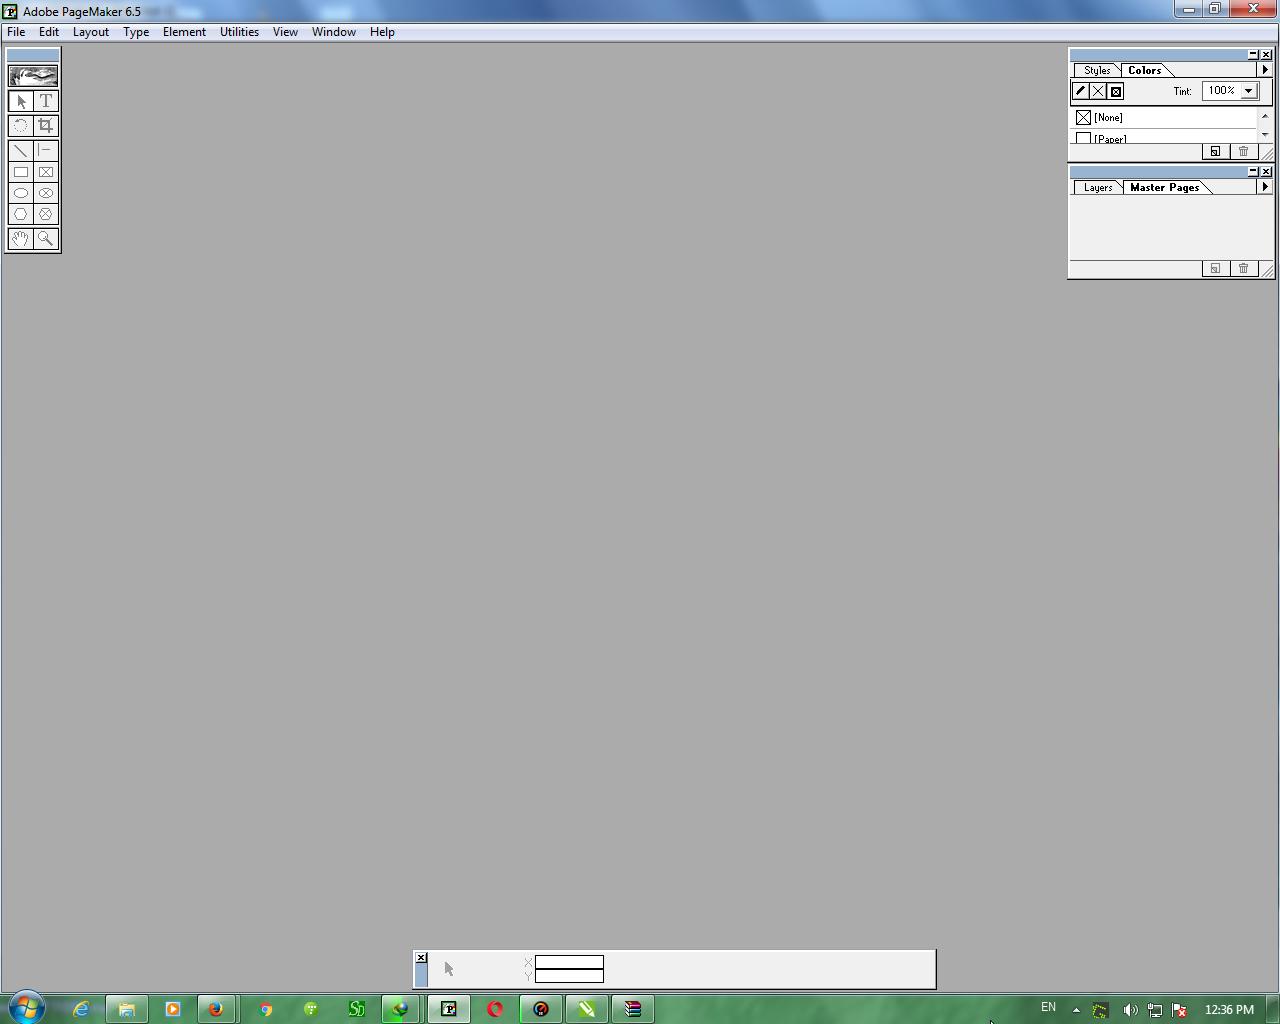 Adobe pagemaker 65 full download tutorial in hindi tools for pagemaker2b65 screen baditri Gallery